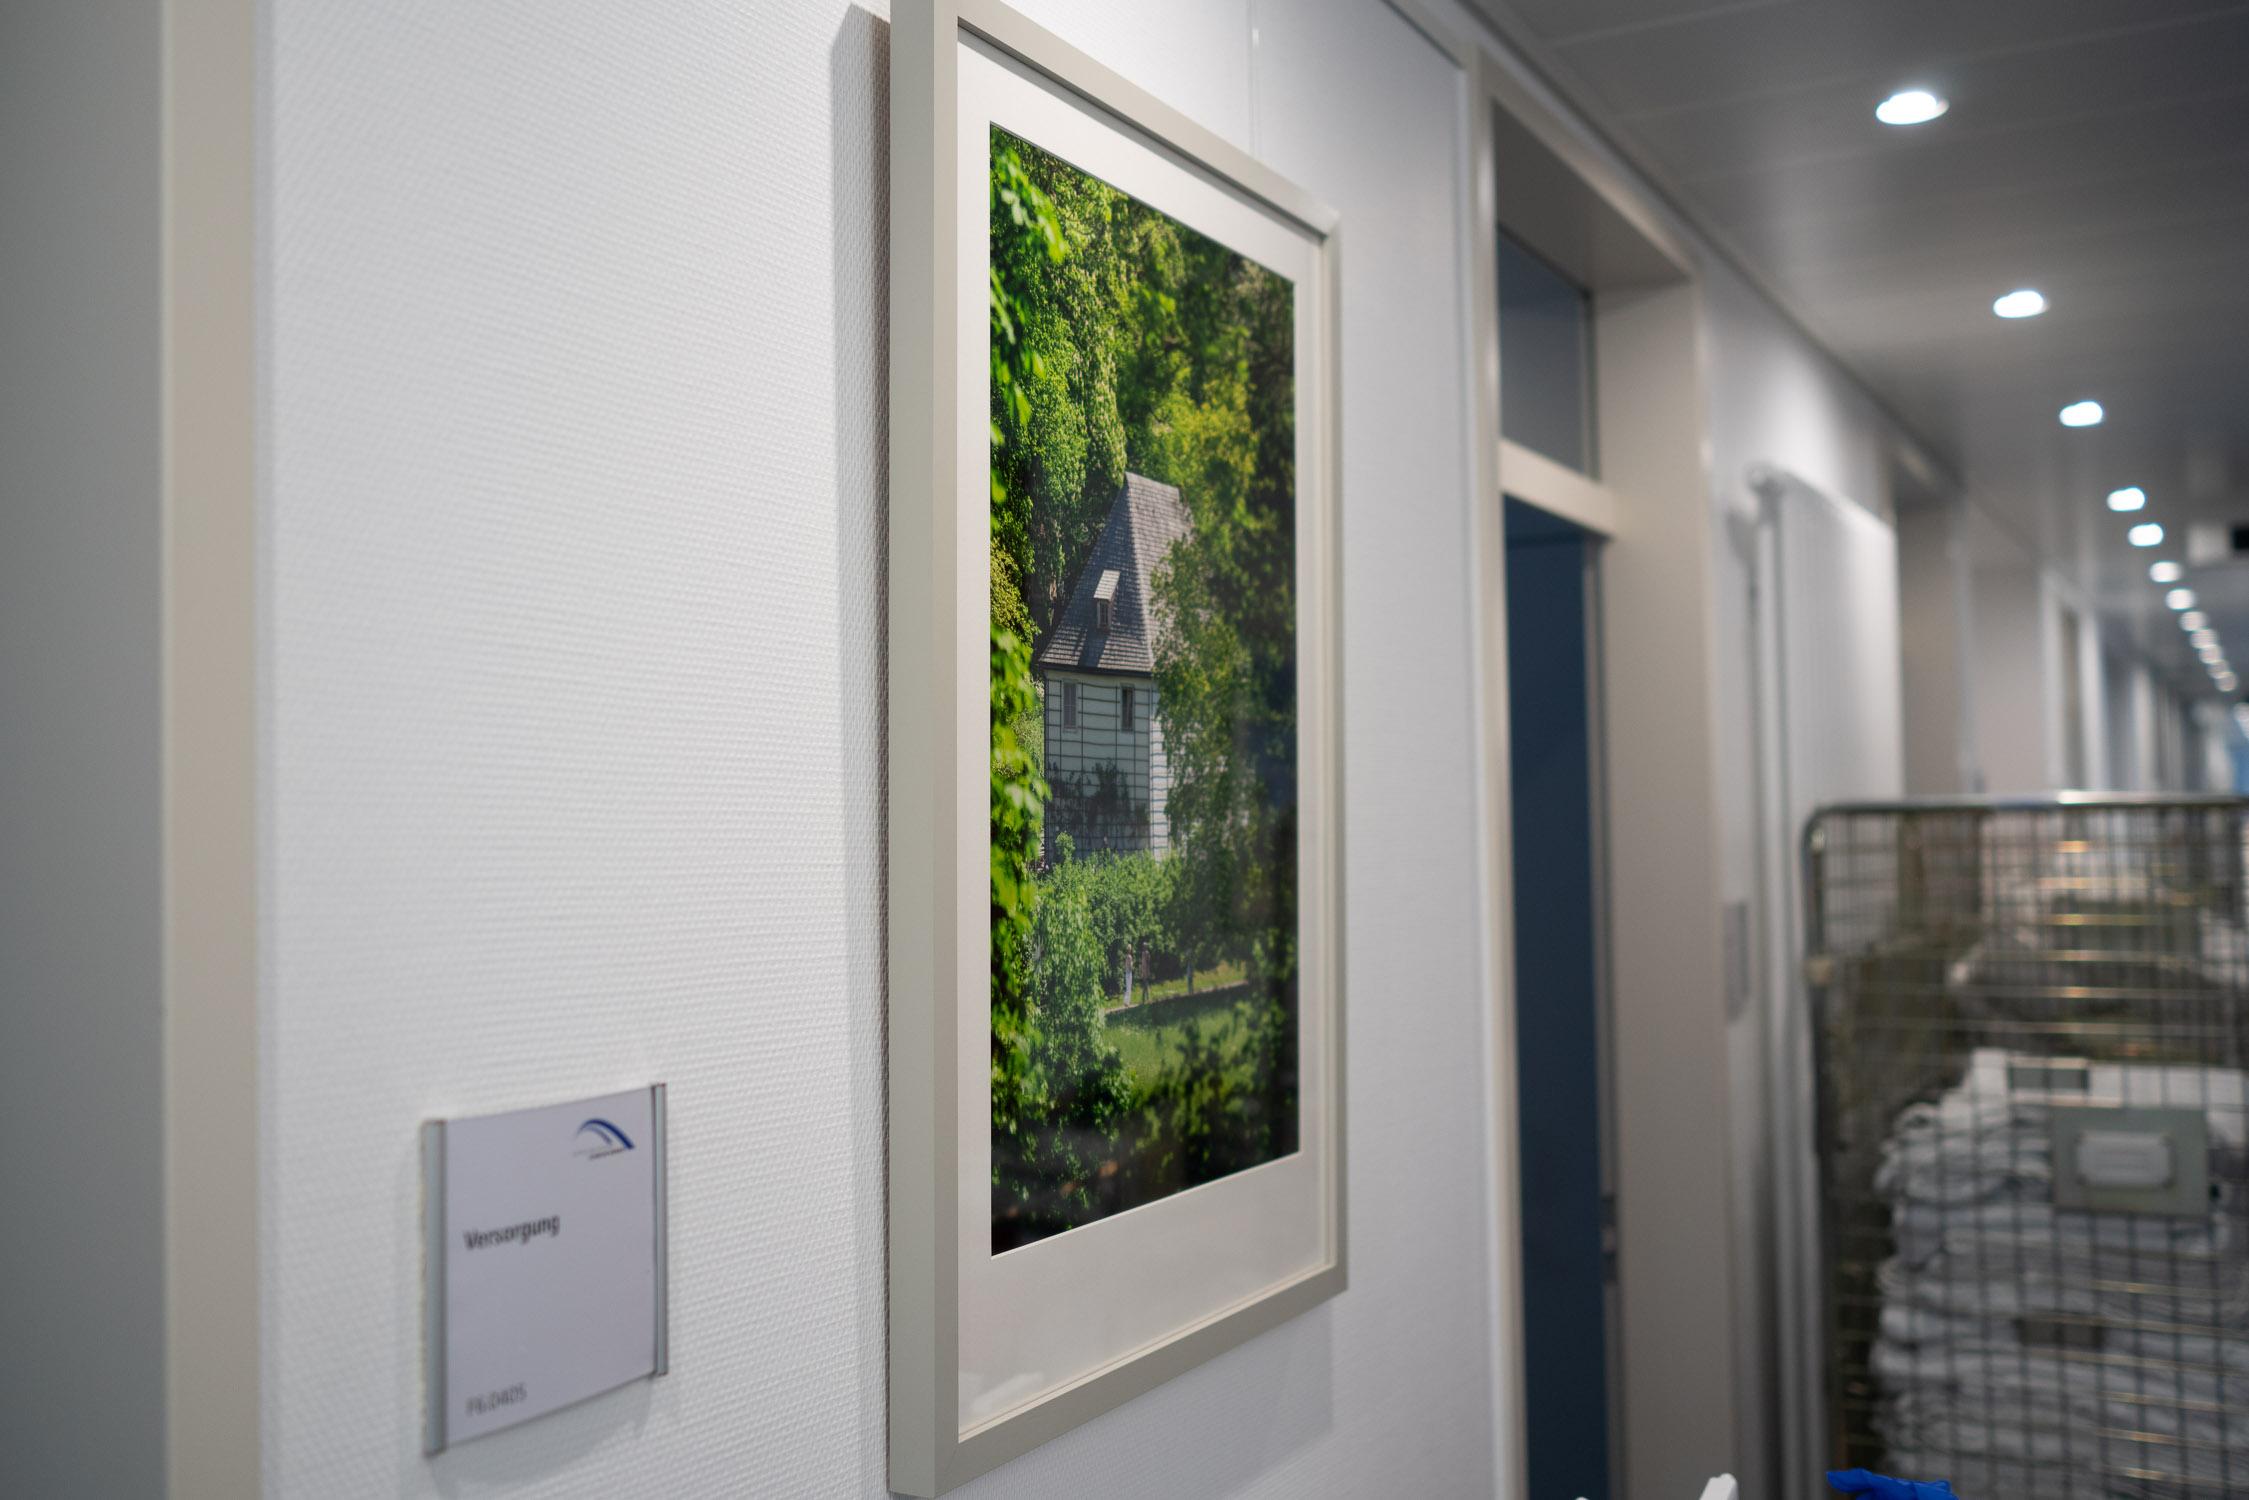 Eines von 9 meiner Bilder, welches von nun an in der neu sanierten Station im Weimarer Krankenhaus hängt.